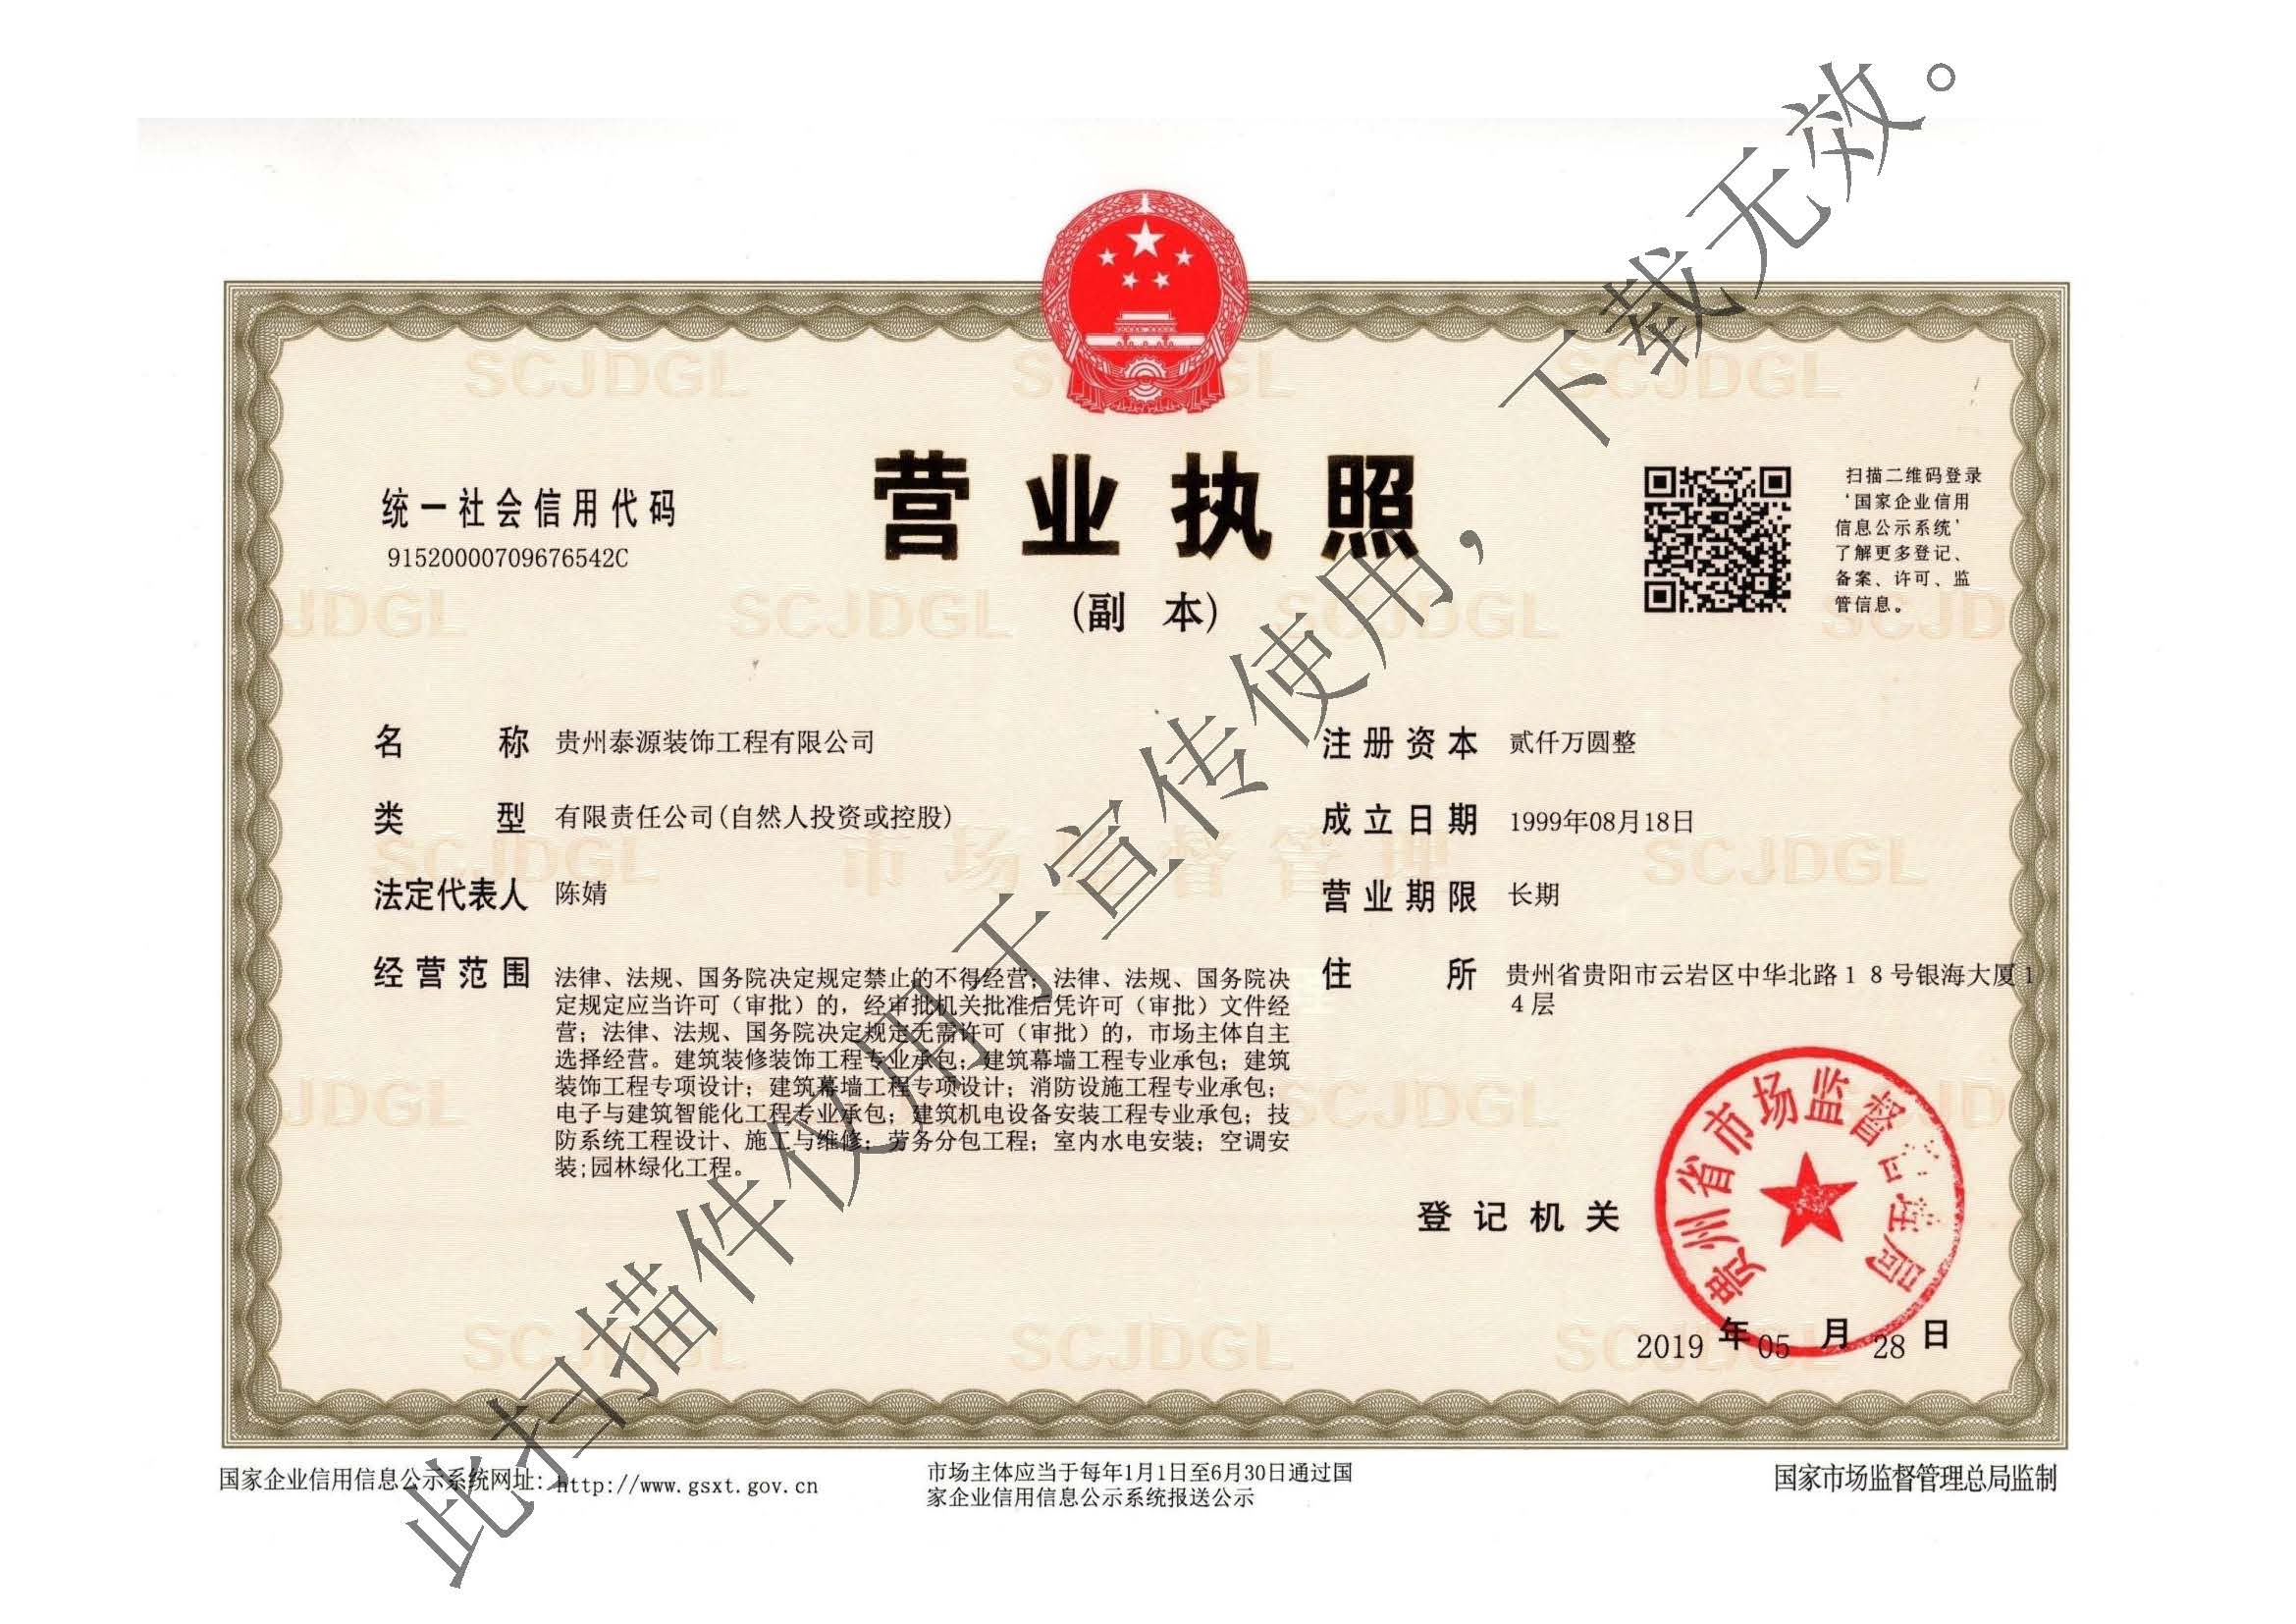 贵州泰源德赢官网登录工程有限公司营业执照